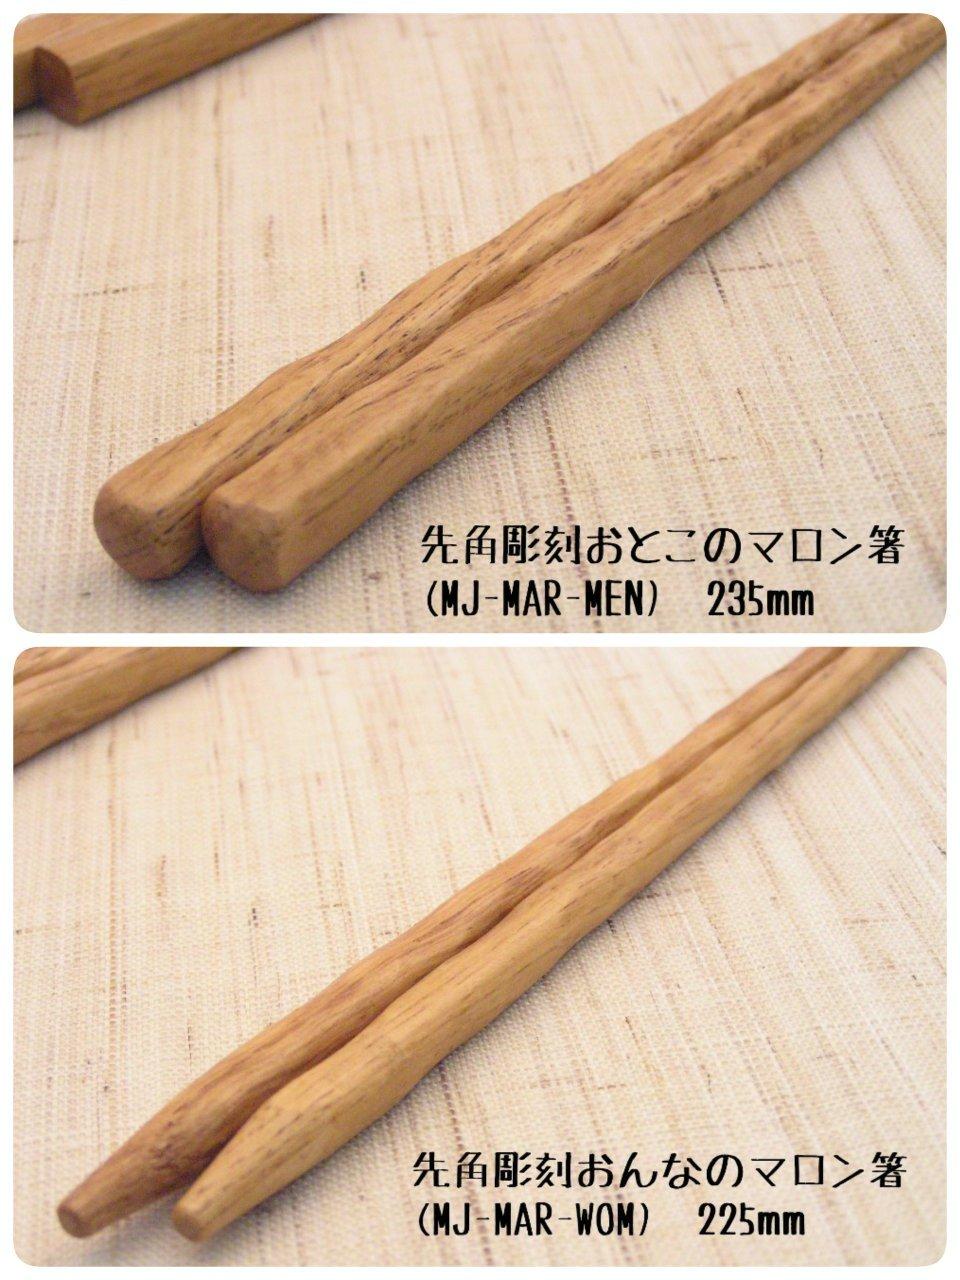 木のスプーンと箸 入荷_f0255704_22405494.jpg